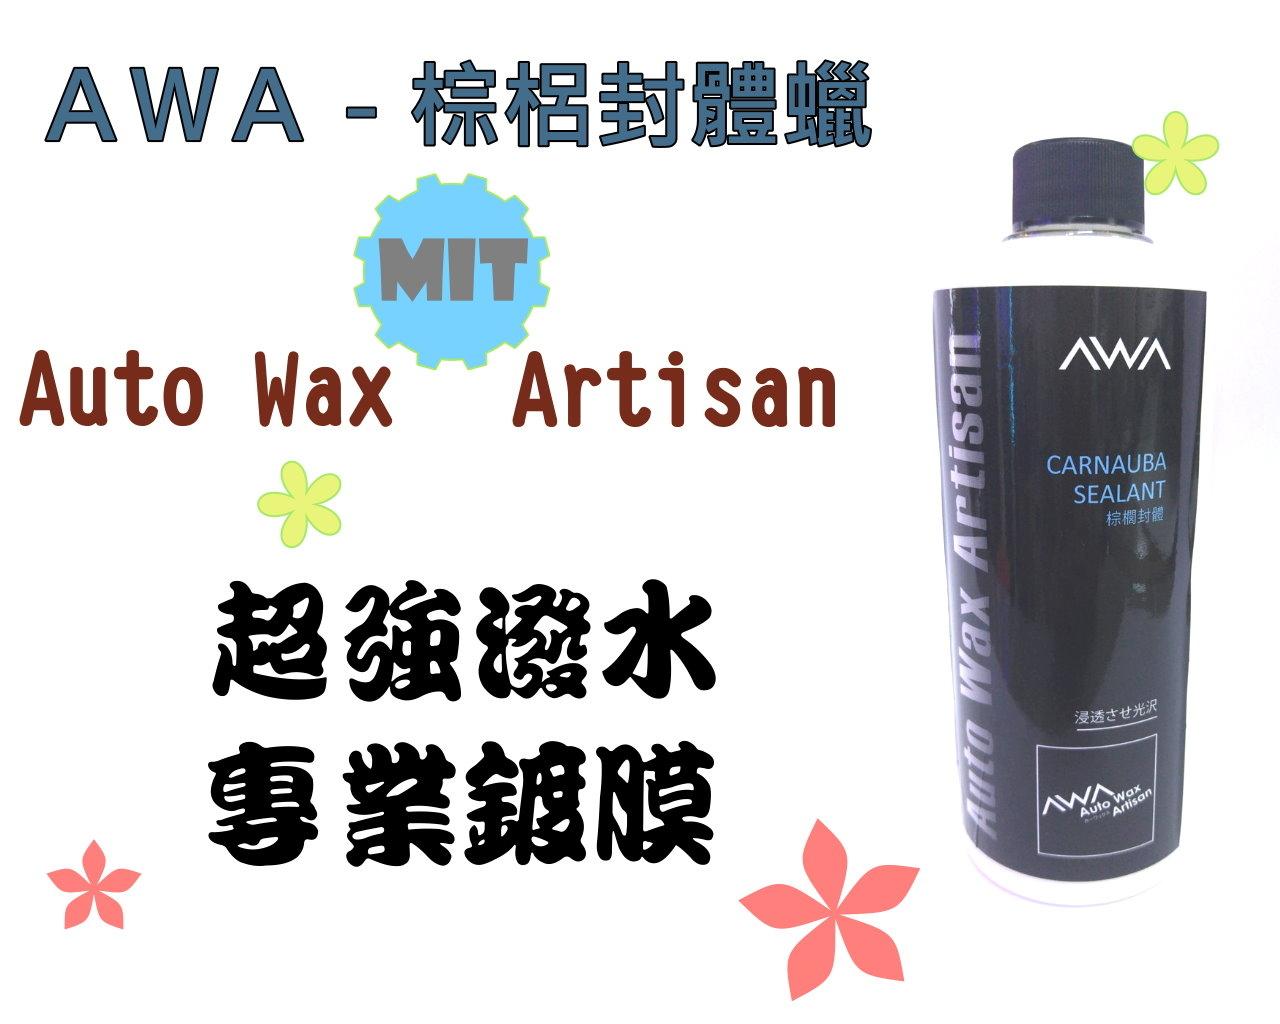 炫光LED AWA-棕櫚封體蠟MIT潑水蠟鍍膜亮光蠟封體蠟保護光滑蠟乳蠟汽機車美容